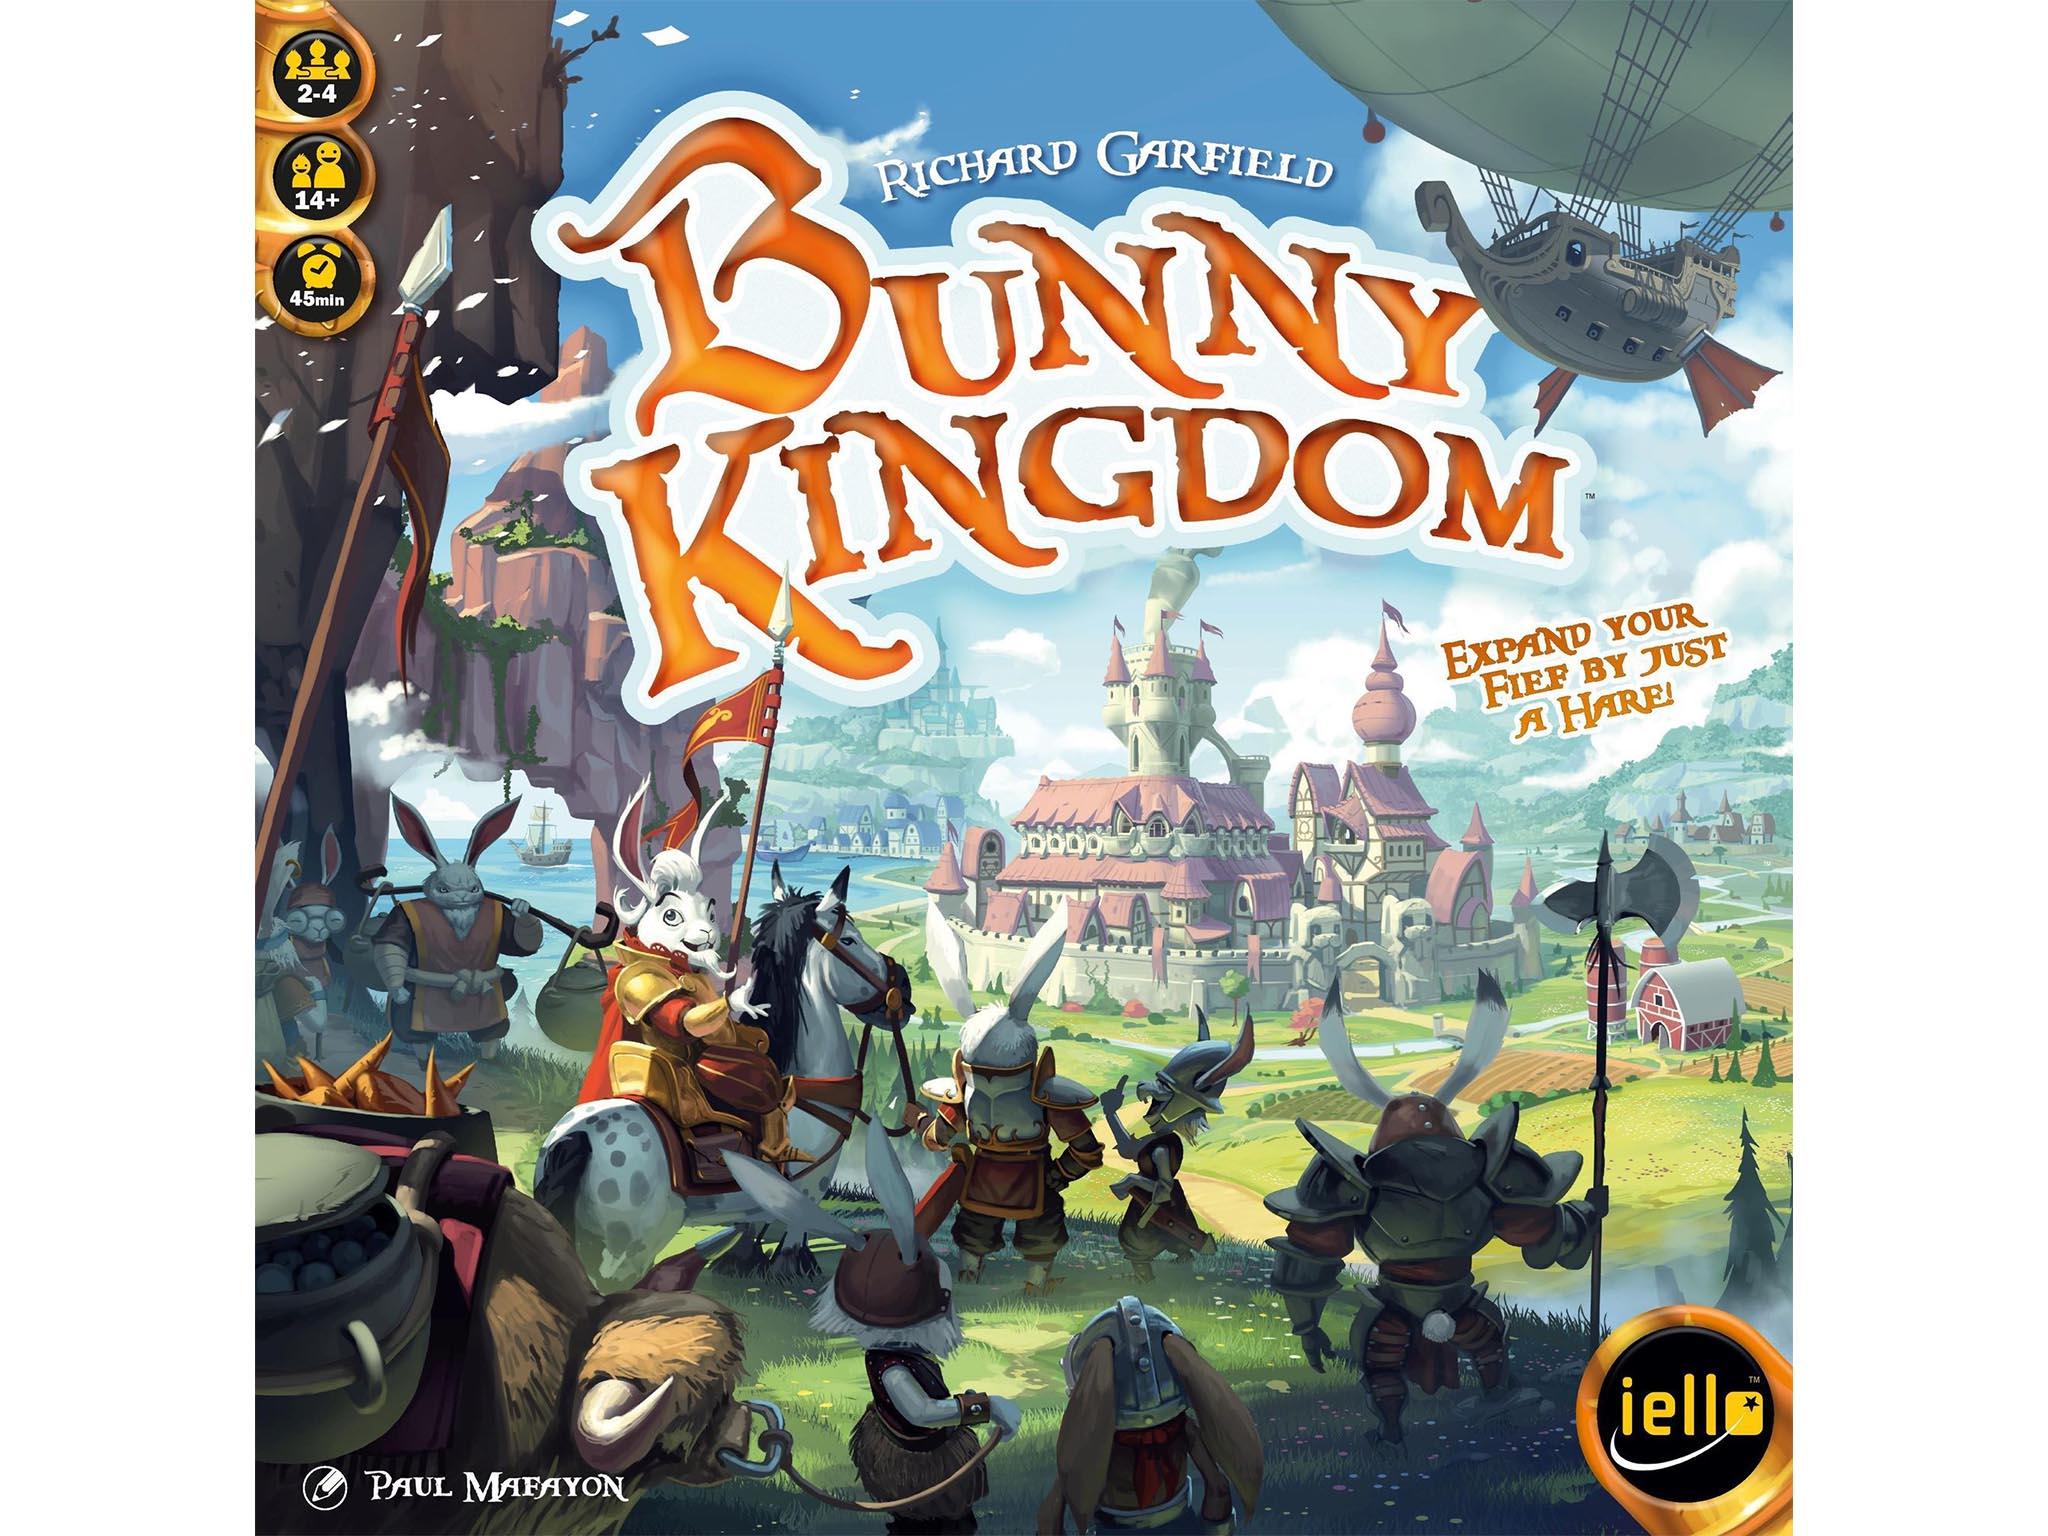 راهنمای-فارسی-بازی-bunny-kingdom